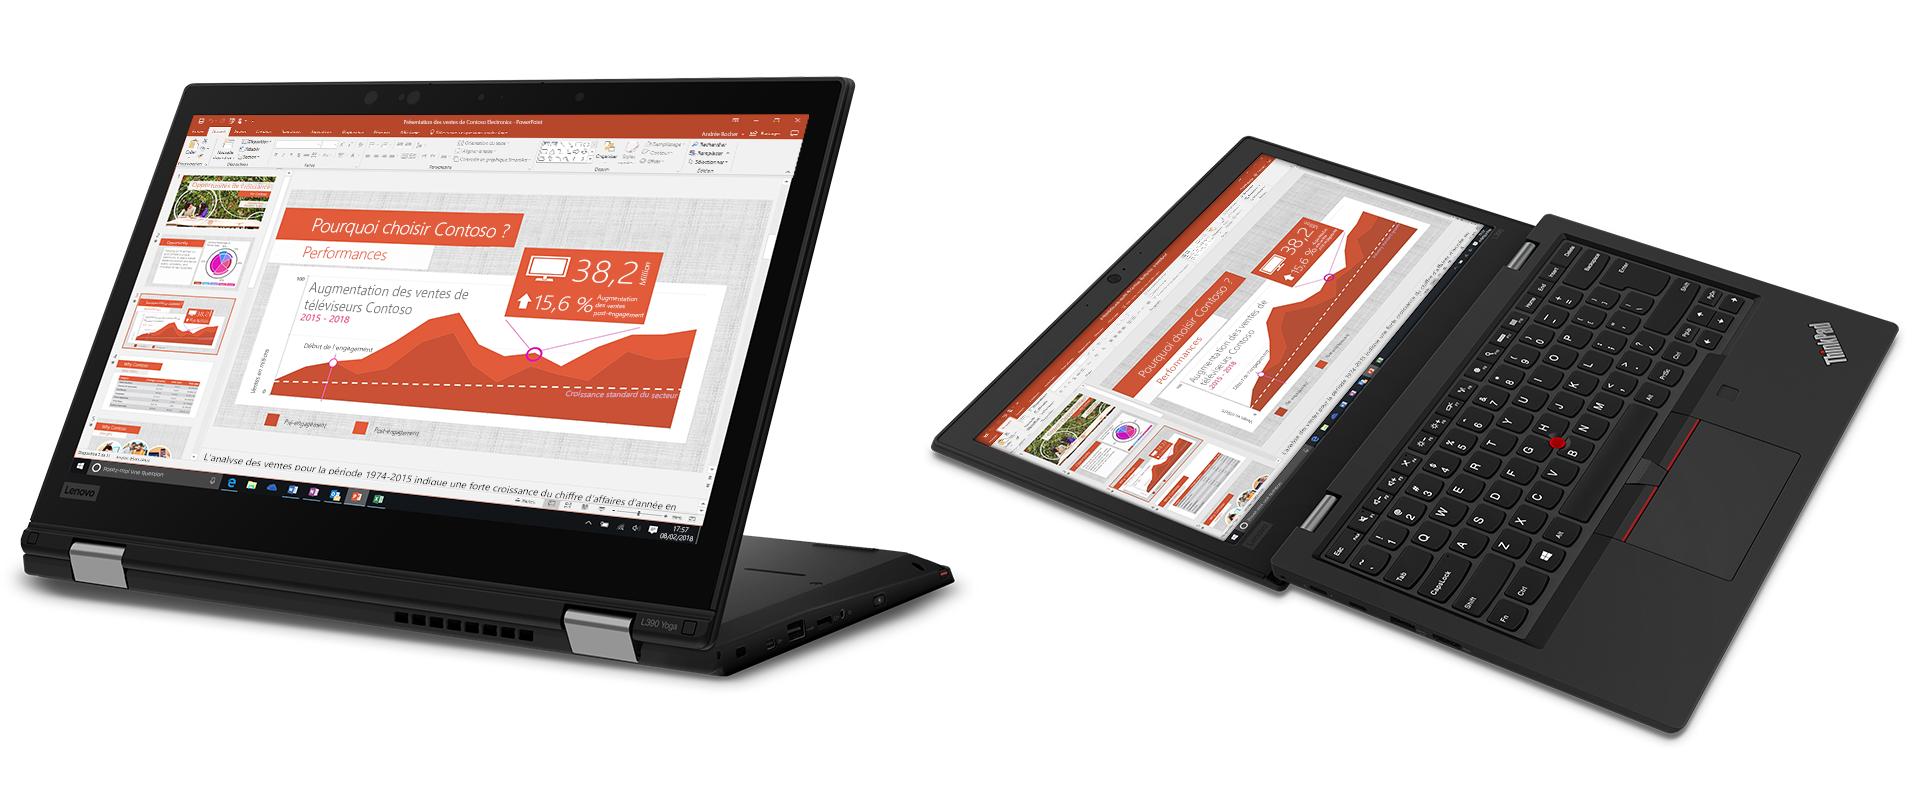 Image des Lenovo ThinkPad L390 et L390 Yoga.